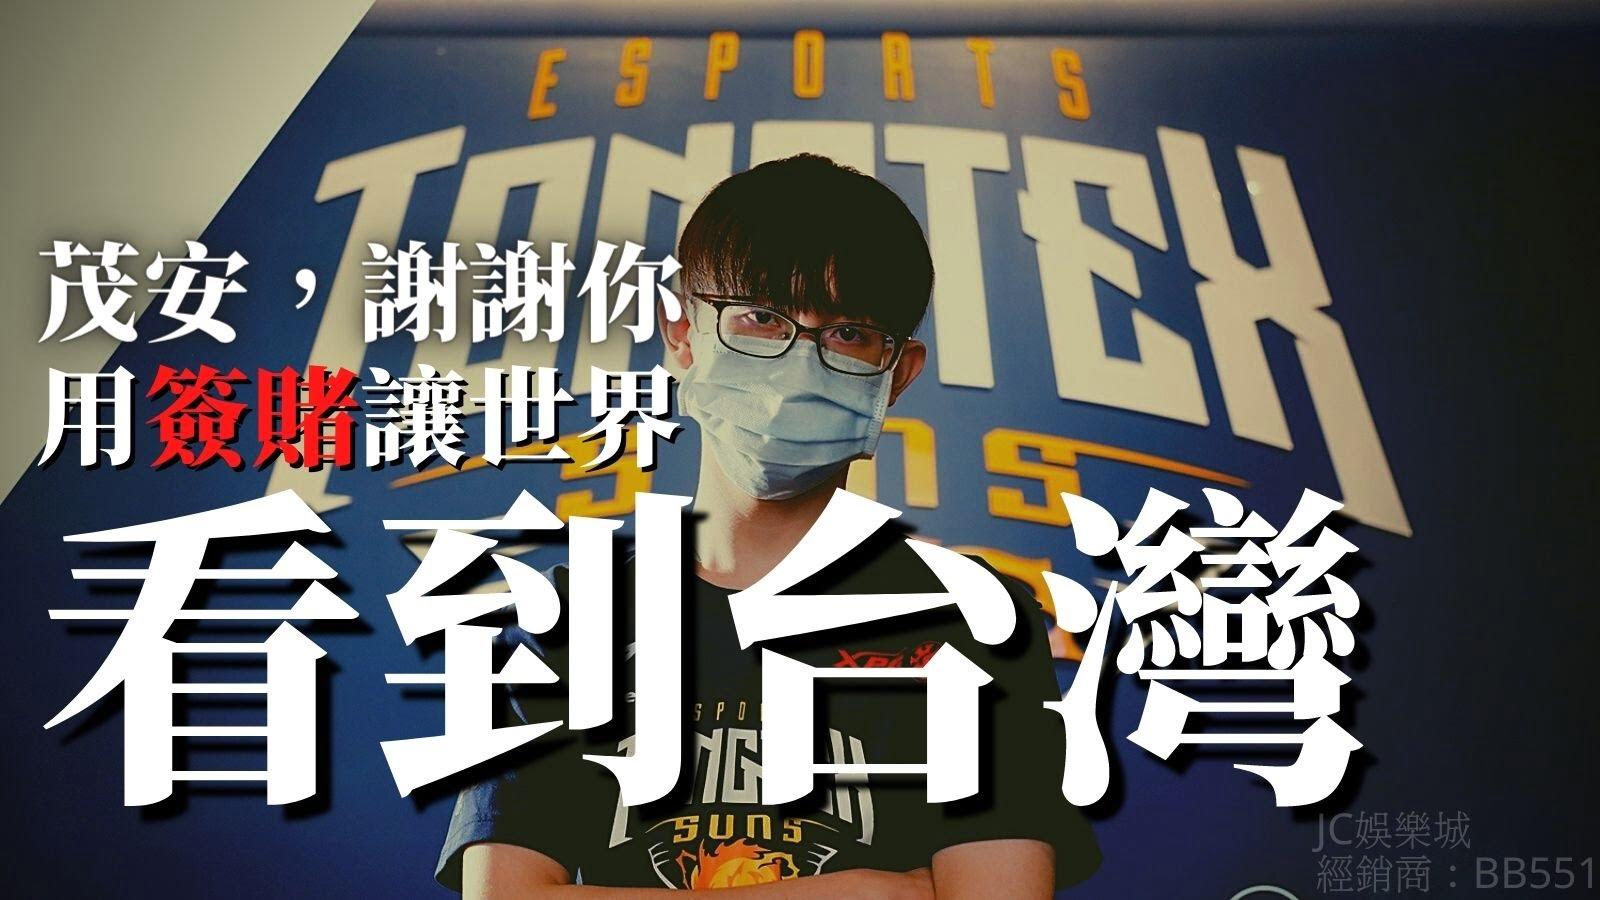 【盤點體育賽事簽賭事件】S11世界賽BYG用「簽賭」讓世界看見台灣!真是謝了⋯⋯